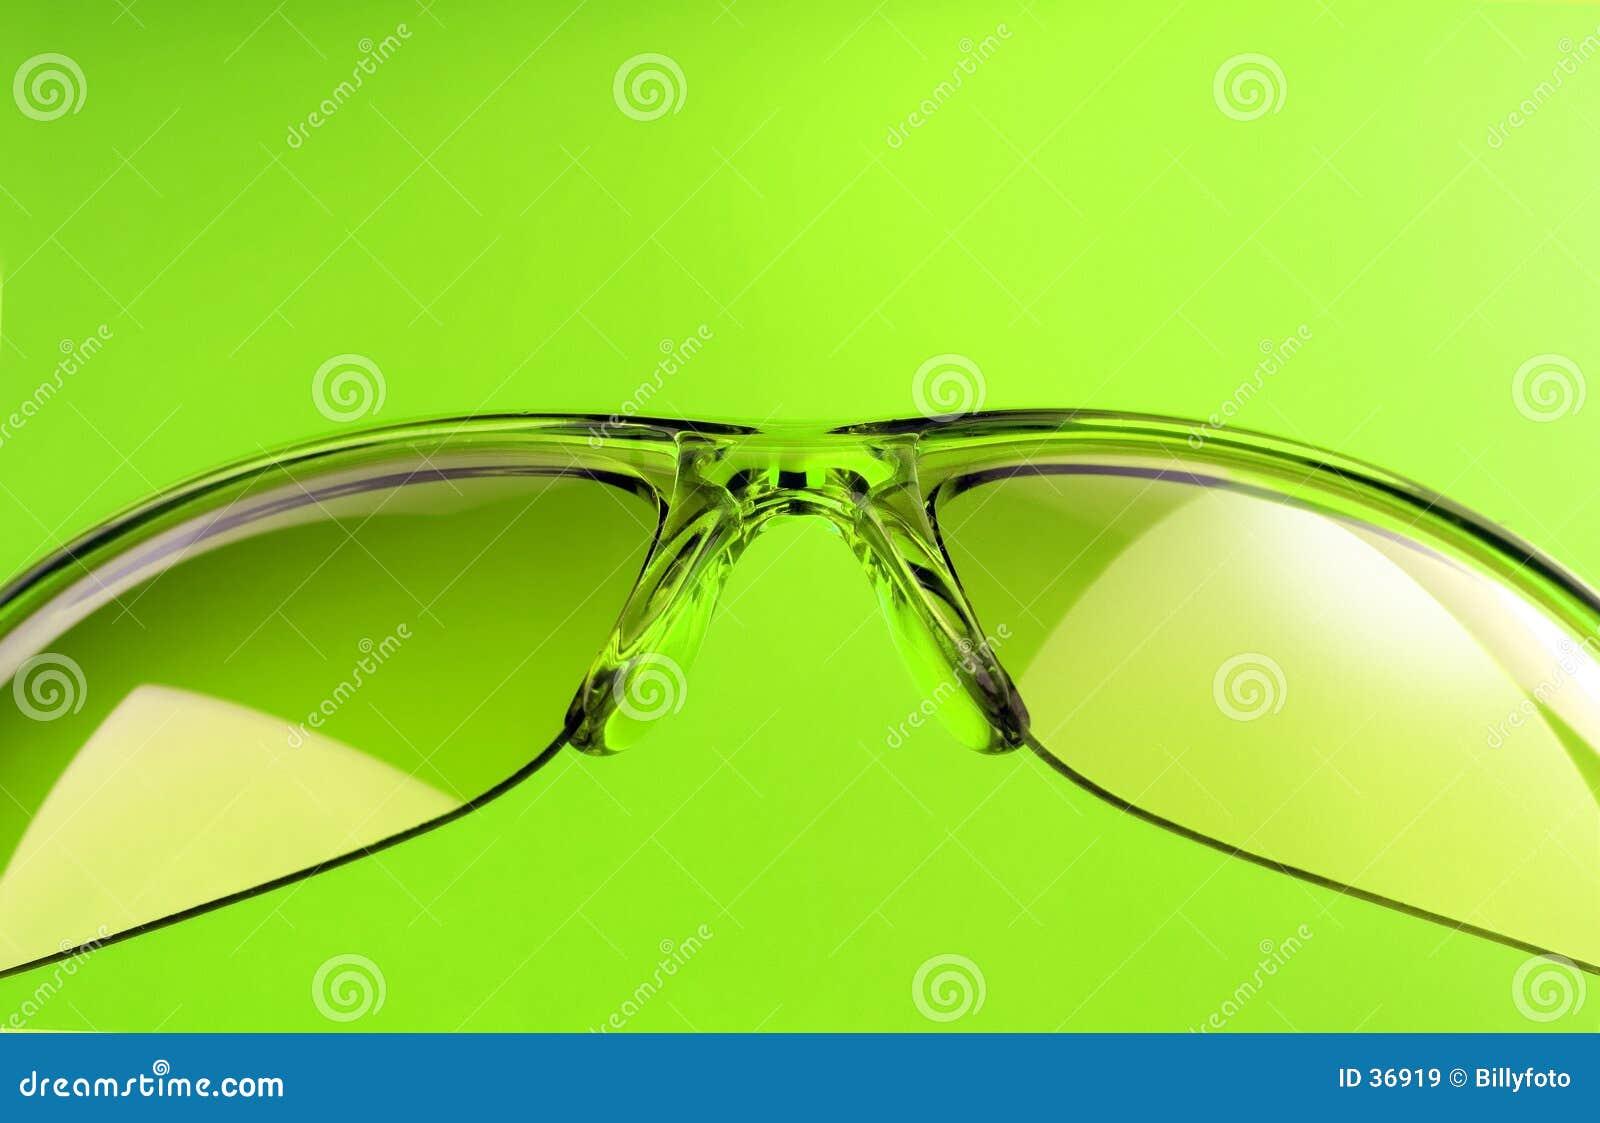 Grön solglasögon